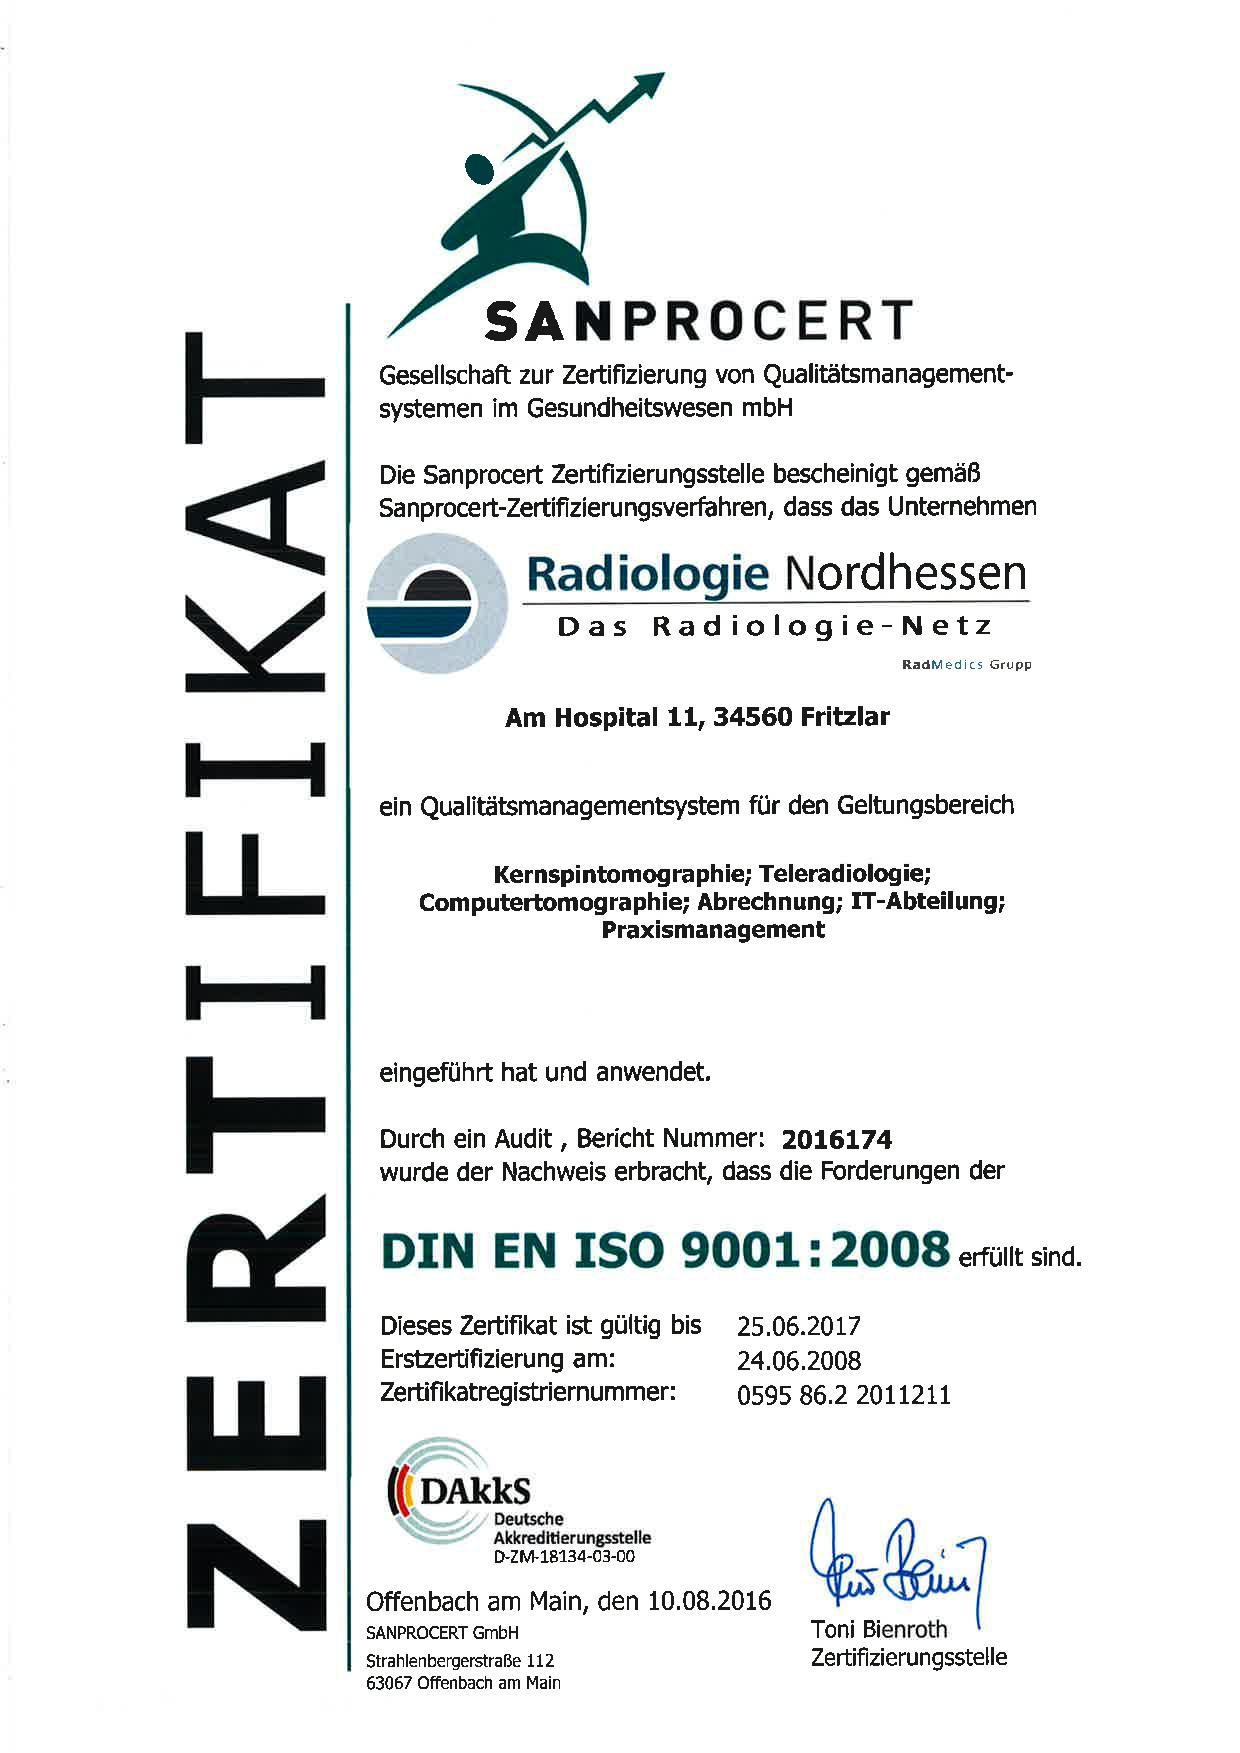 Groß Radiologie Zertifizierung Ideen - Menschliche Anatomie Bilder ...